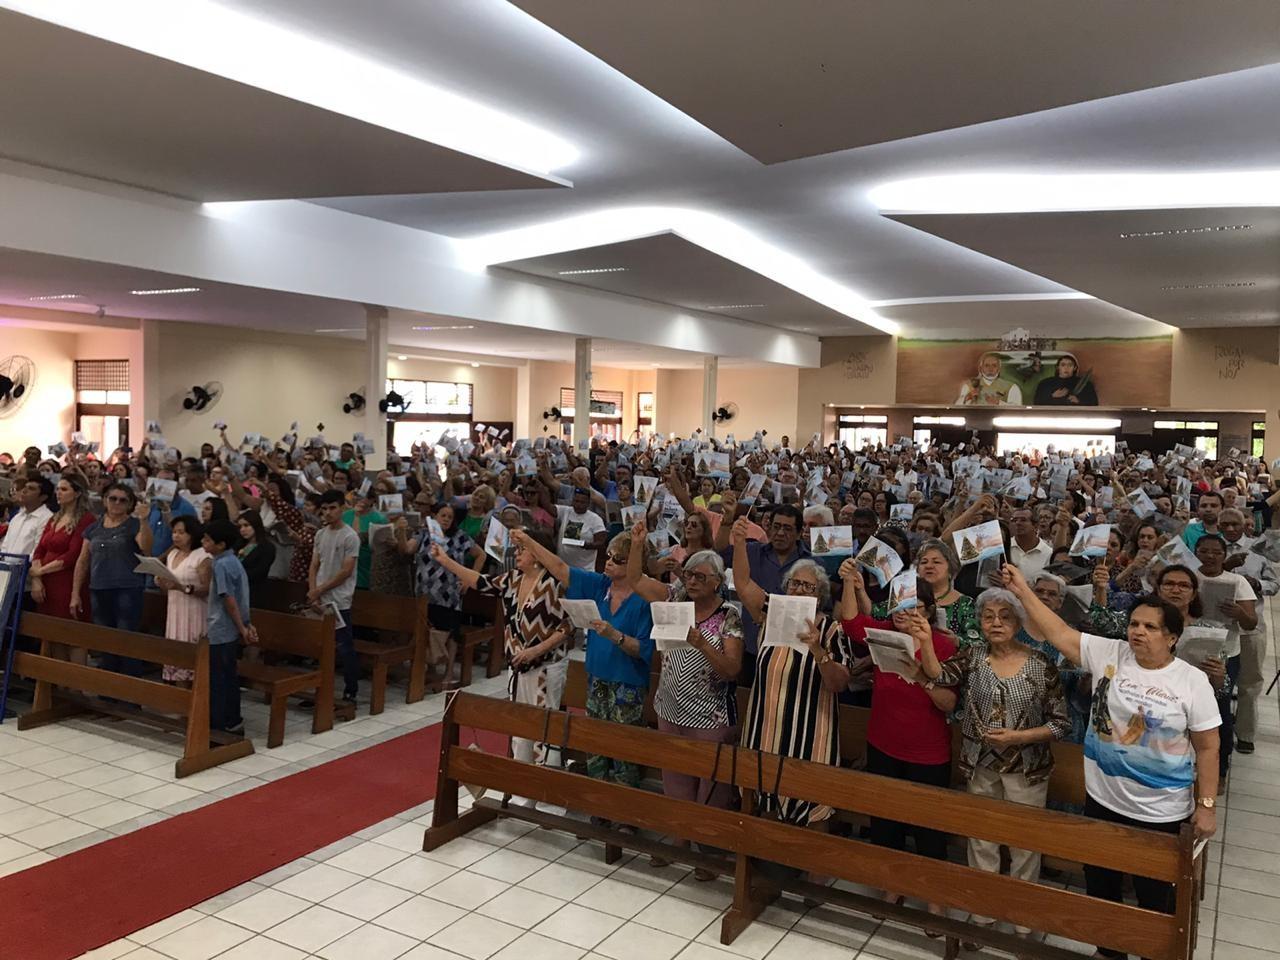 Fiéis celebram Padroeira do Brasil em Natal; veja programação - Notícias - Plantão Diário